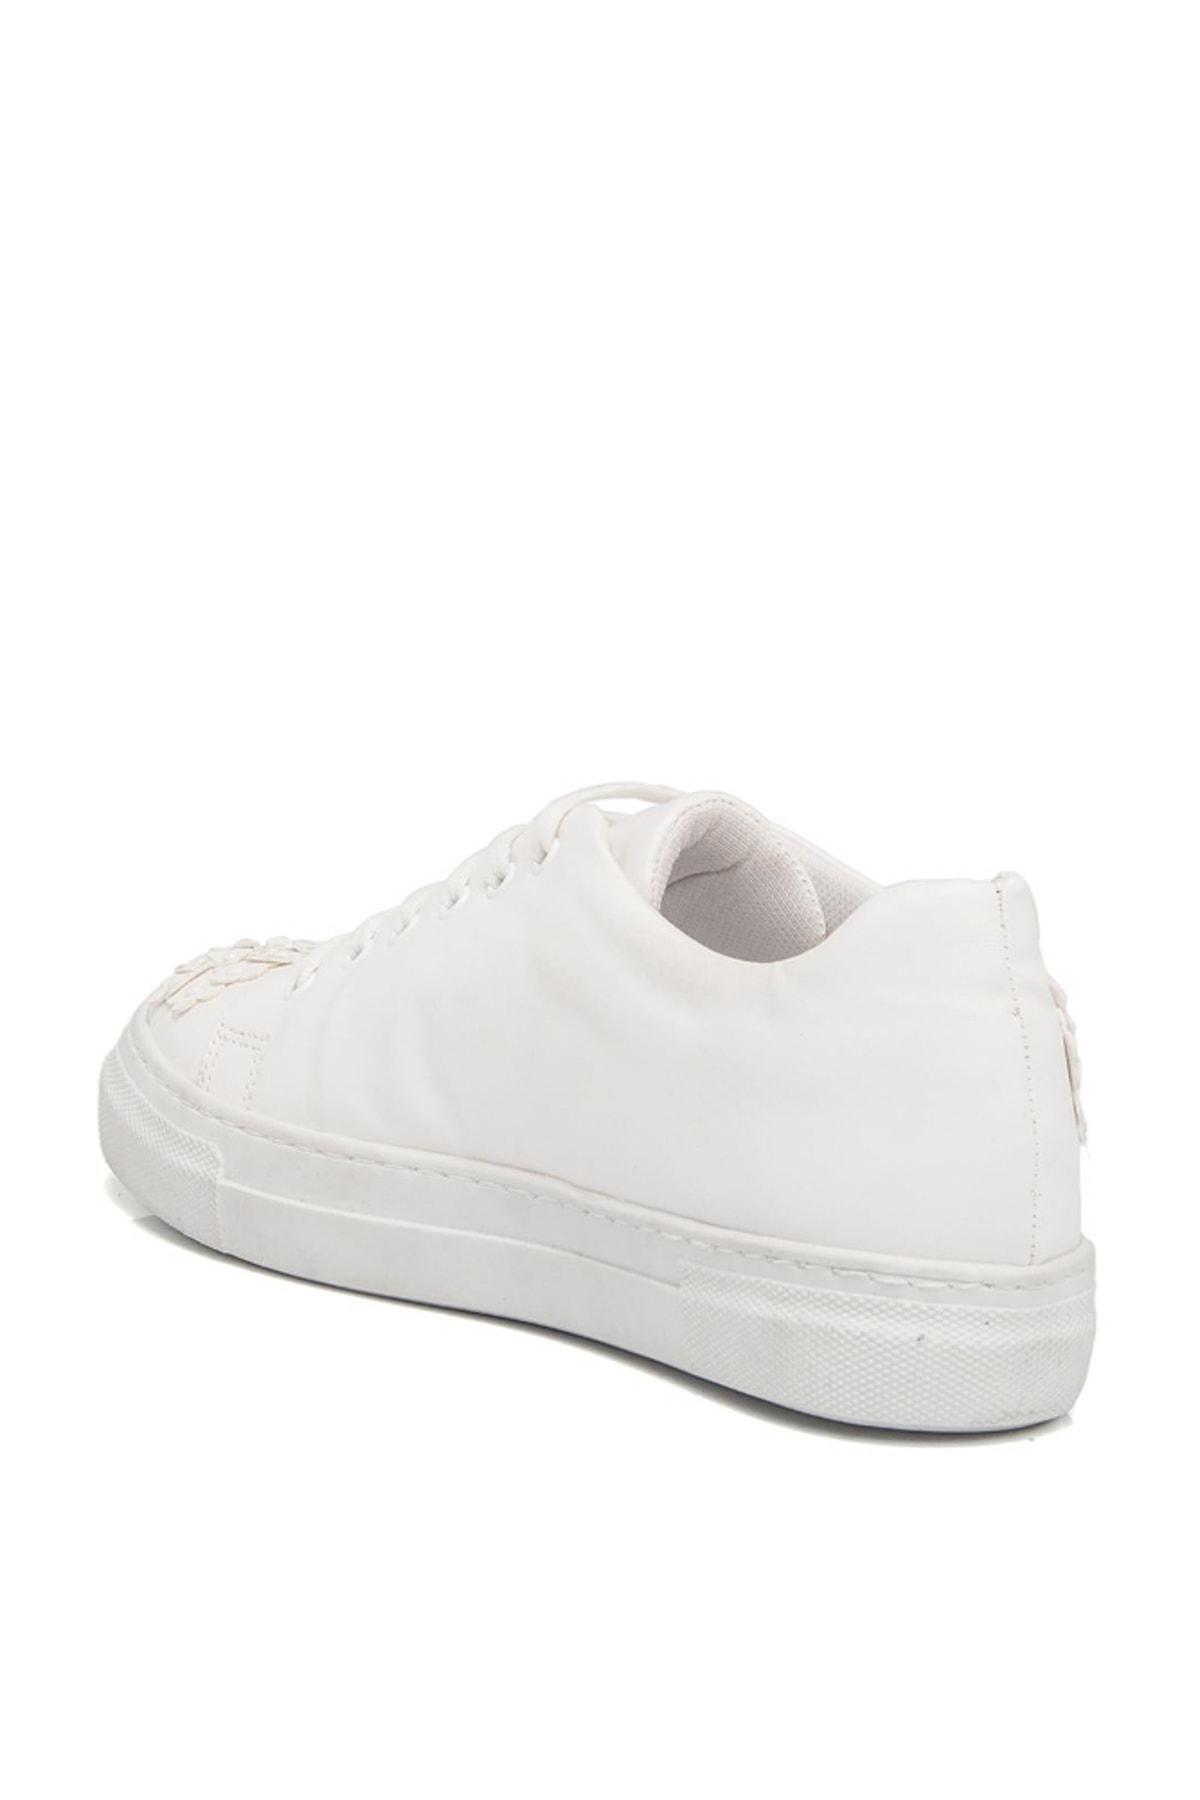 Tergan Beyaz Kadın Klasik Ayakkabı K19I1Ay64258 2